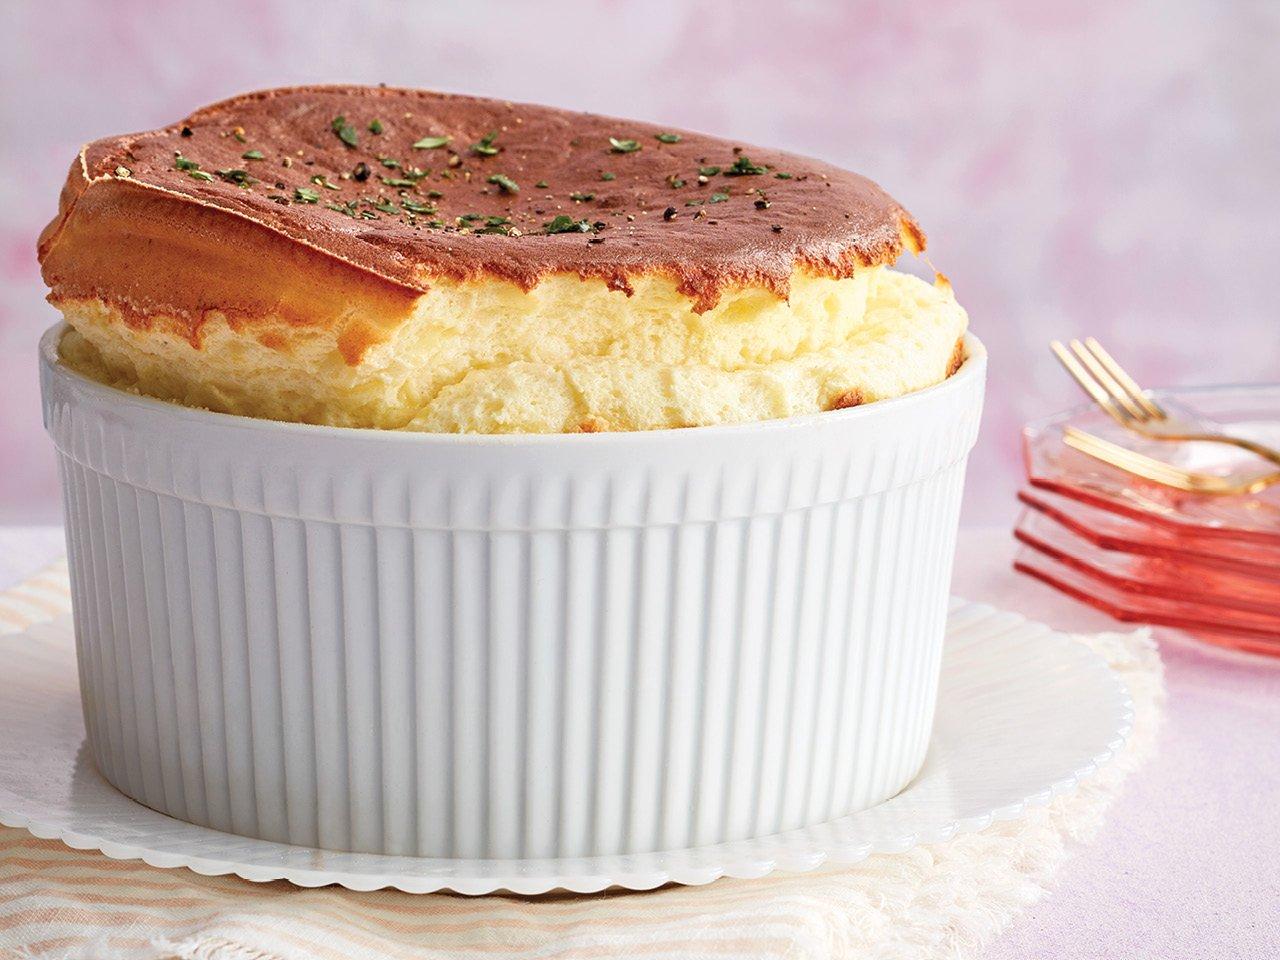 Savoury Cheese Souffle